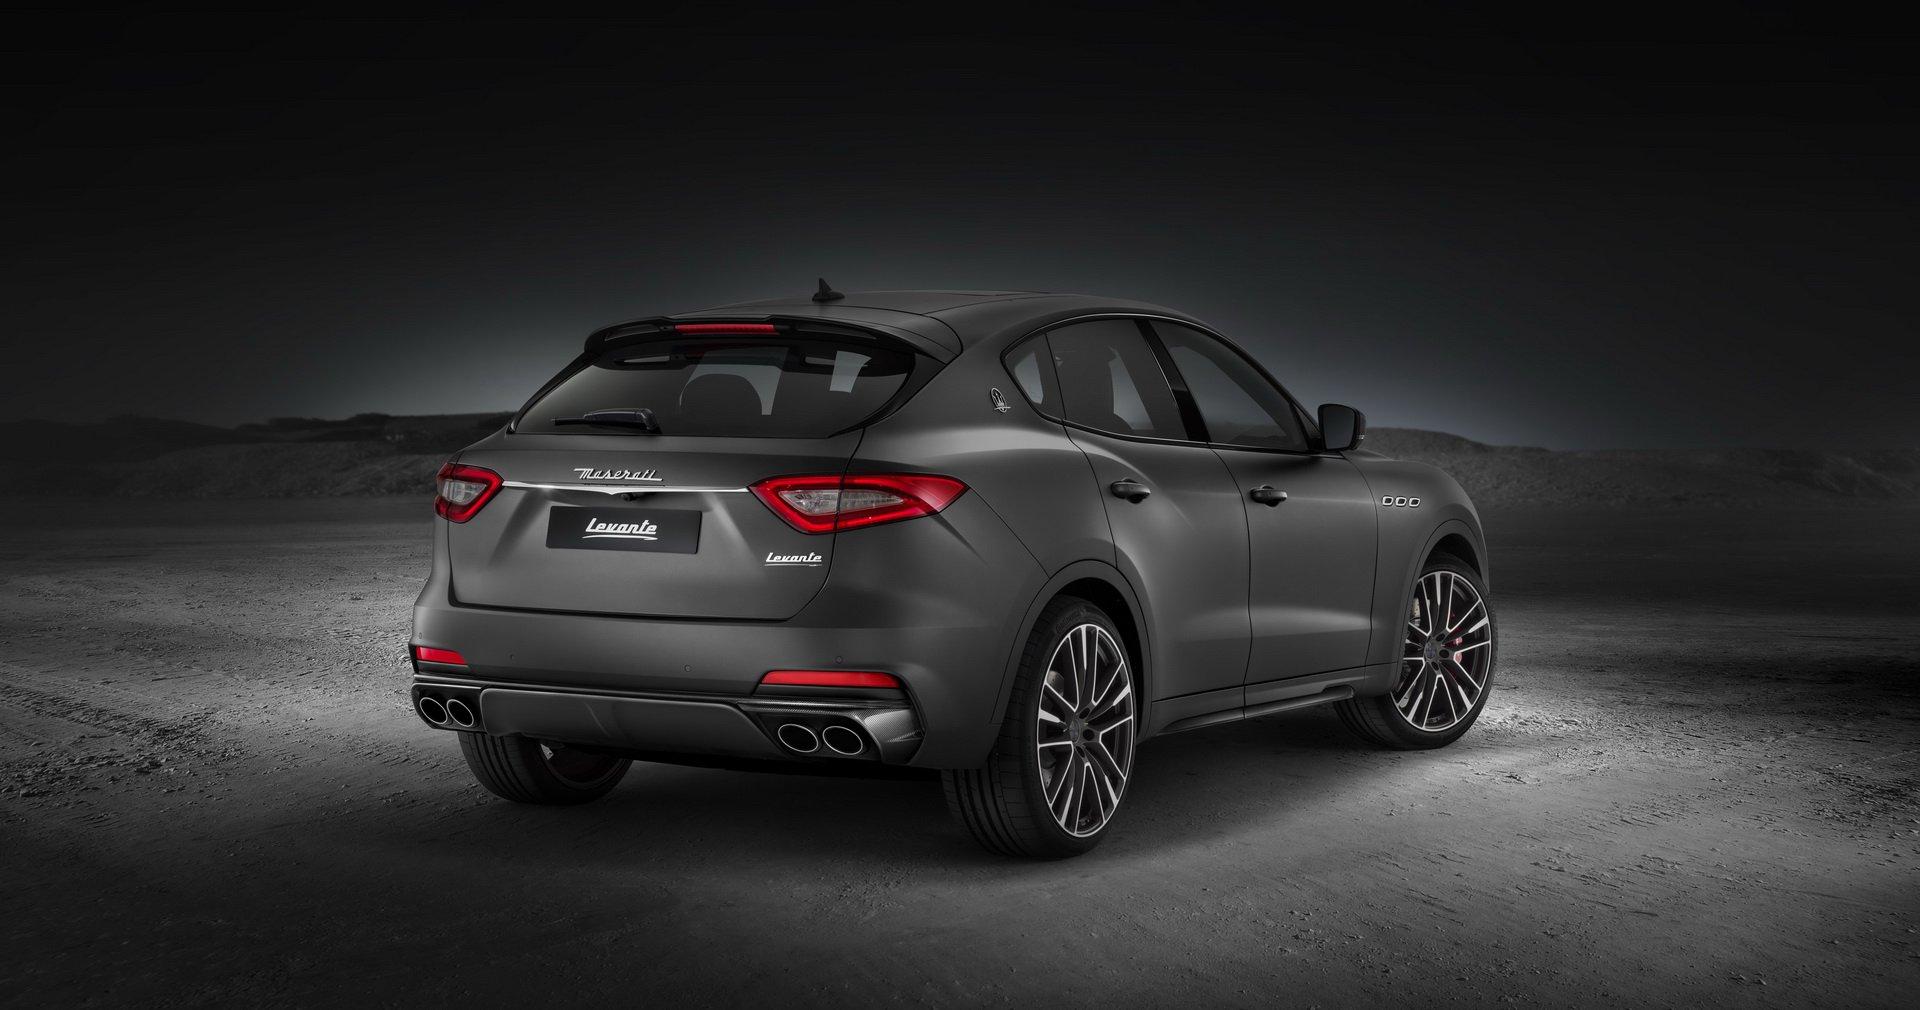 نسخههای v8 تورفئو لوانته/ 50 دستگاه از این خودرو ساخته خواهد شد